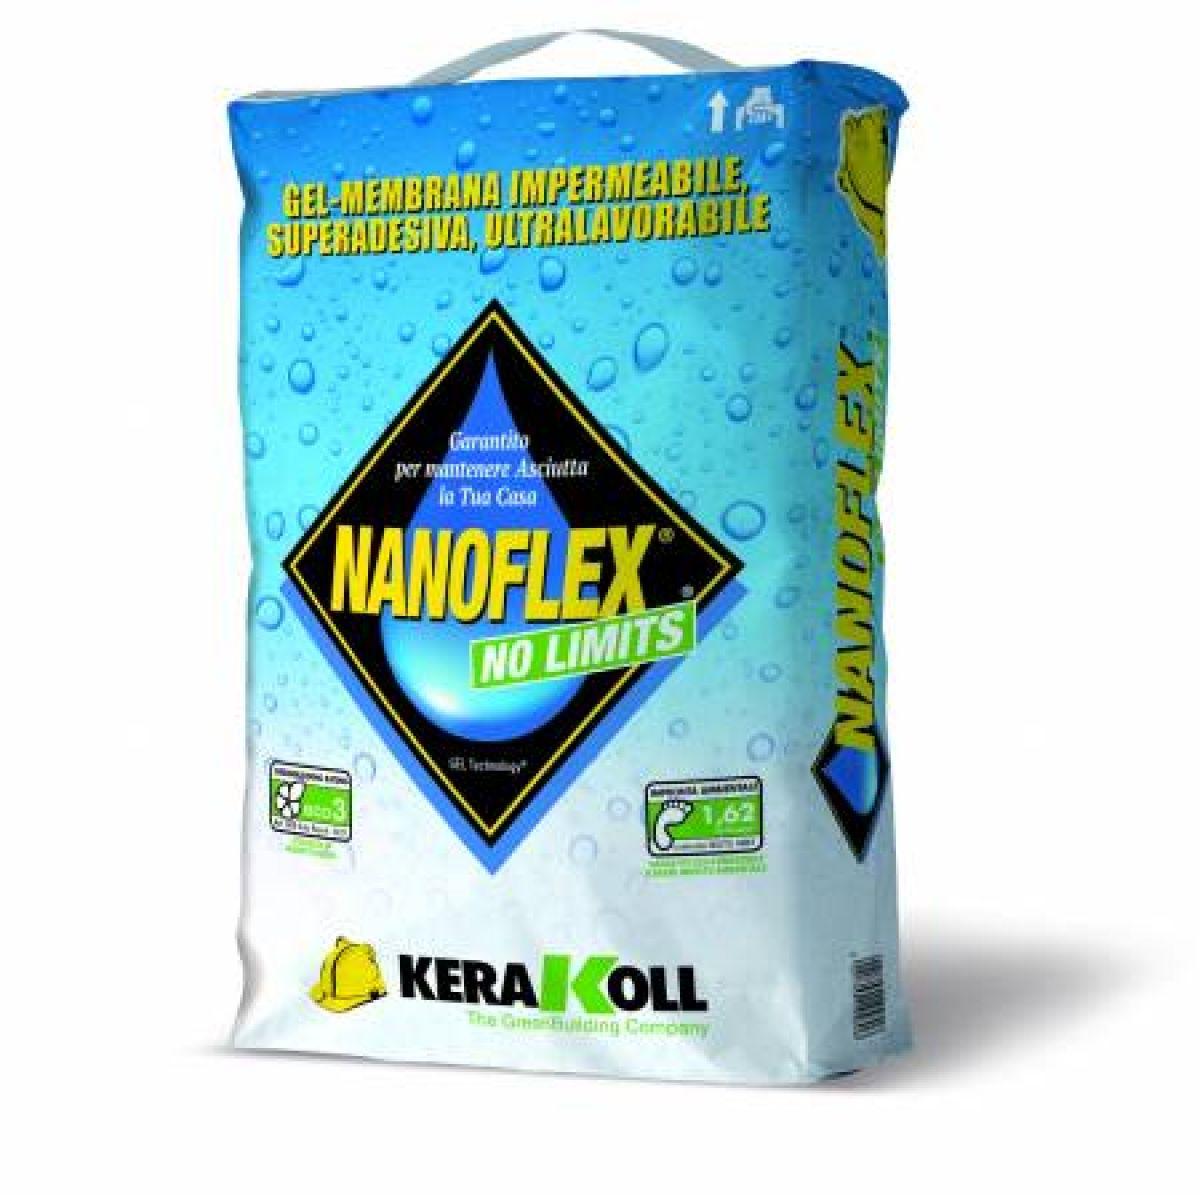 Membrana impermeabilizzante, superadesiva, eltralavorabile, per l'impermeabilizzazione traspirante.